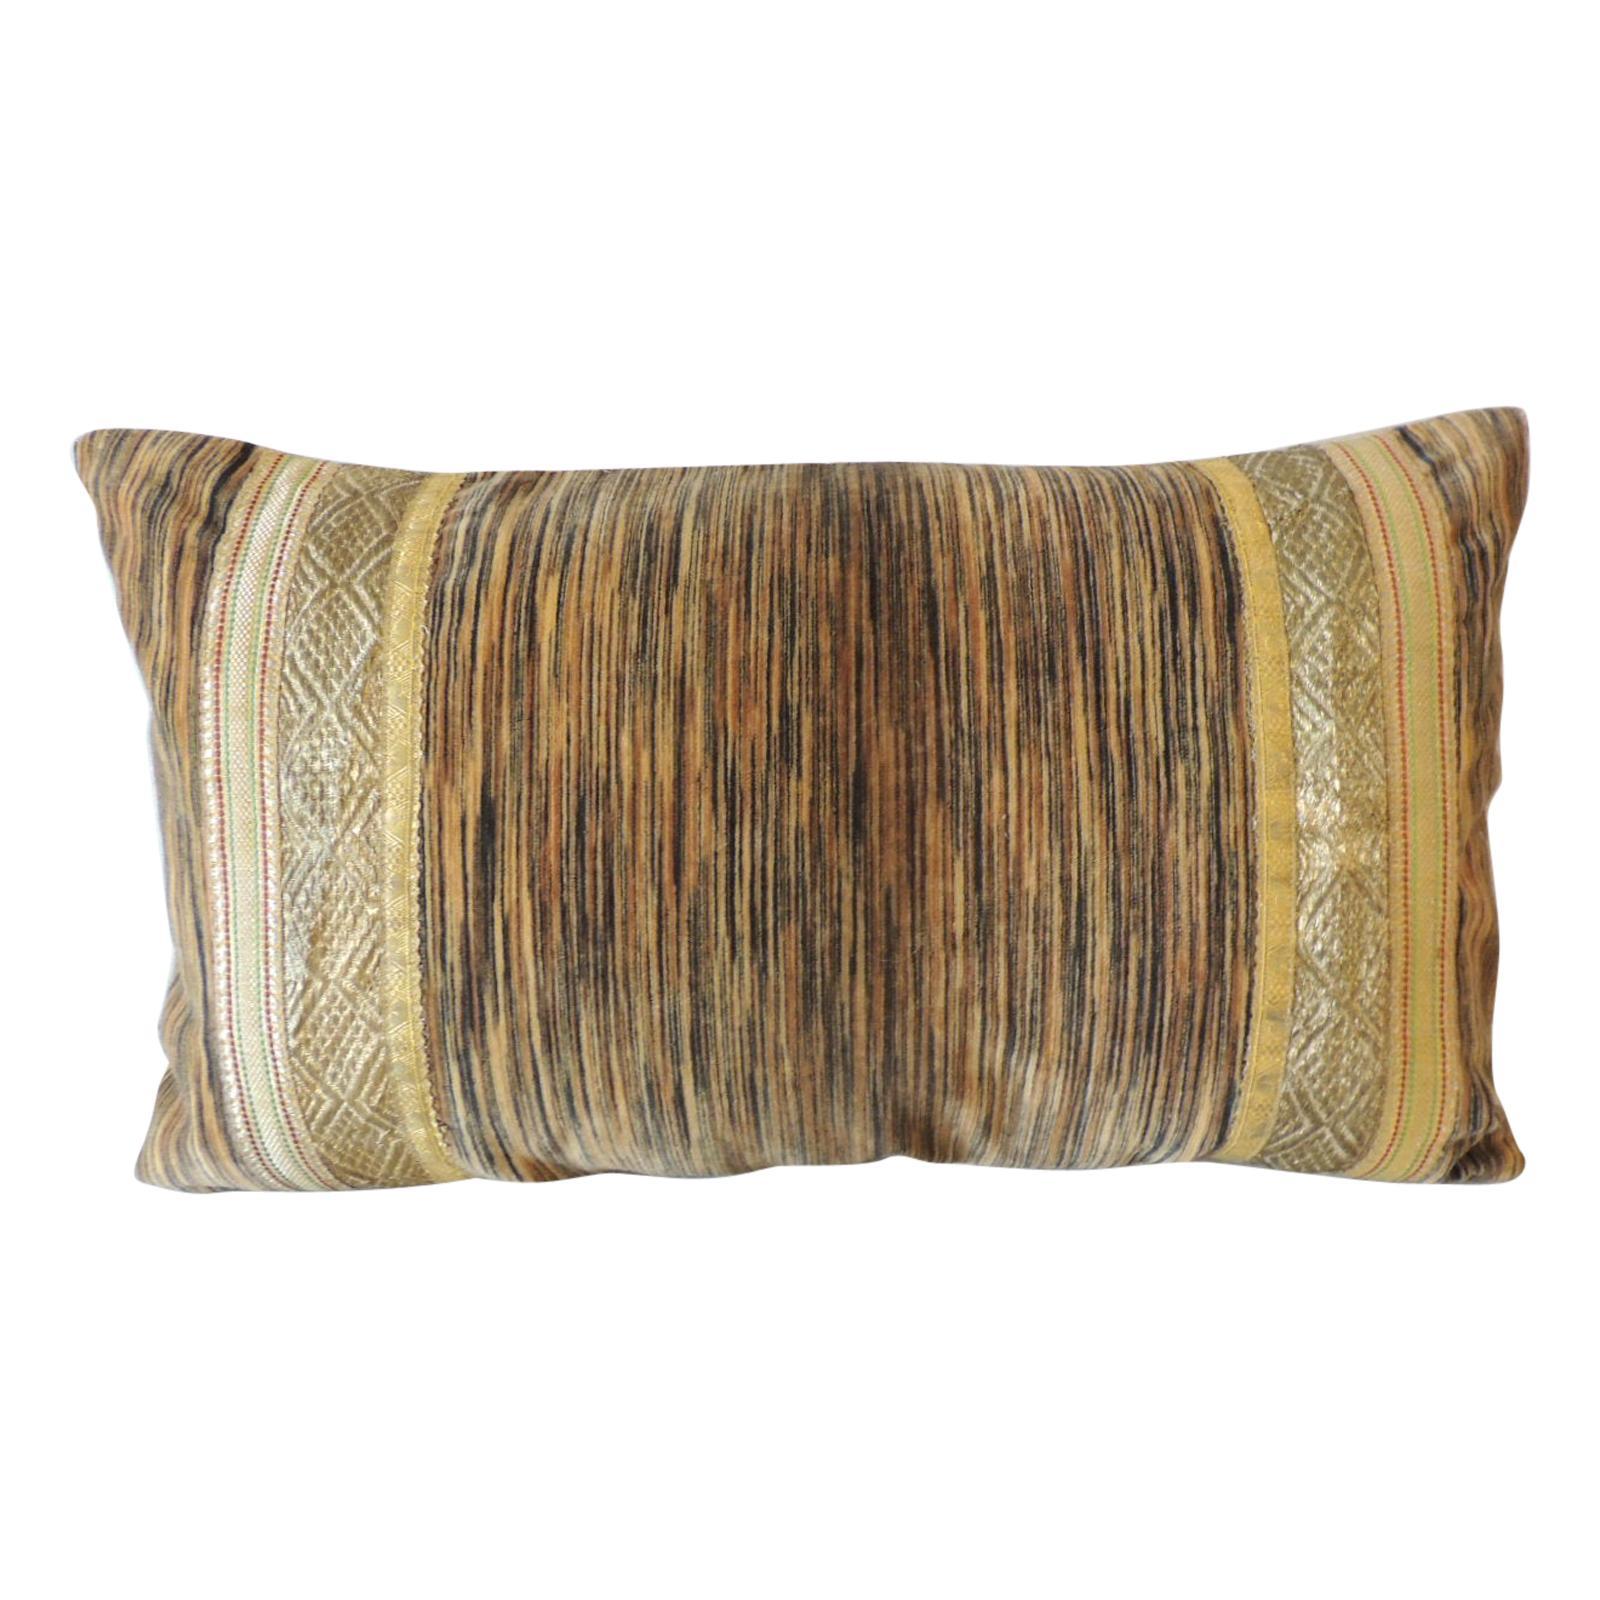 Antique Strie Velvet Long Bolster Decorative Pillow